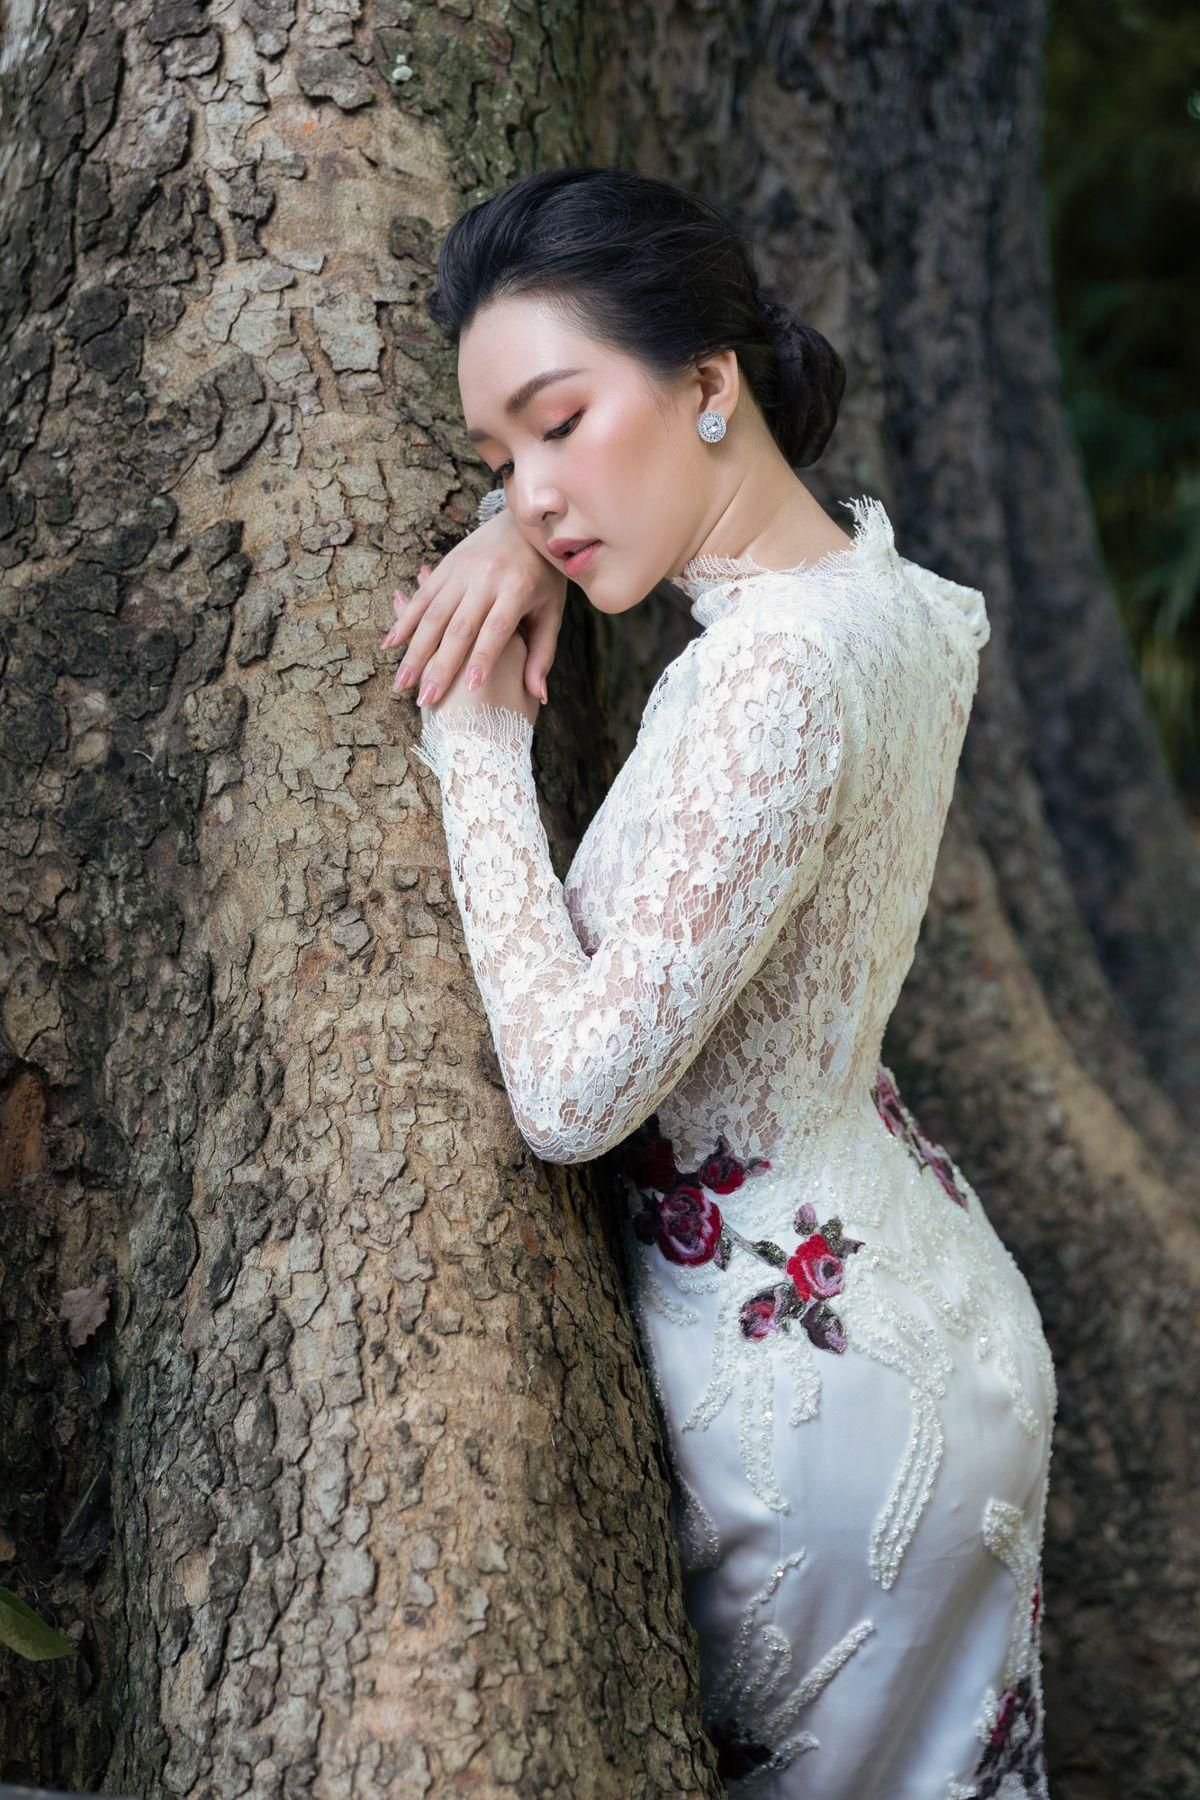 'Nàng thơ xứ Huế' Ngọc Trân cuốn hút với nét mơ màng trong loạt váy áo e ấp Ảnh 19